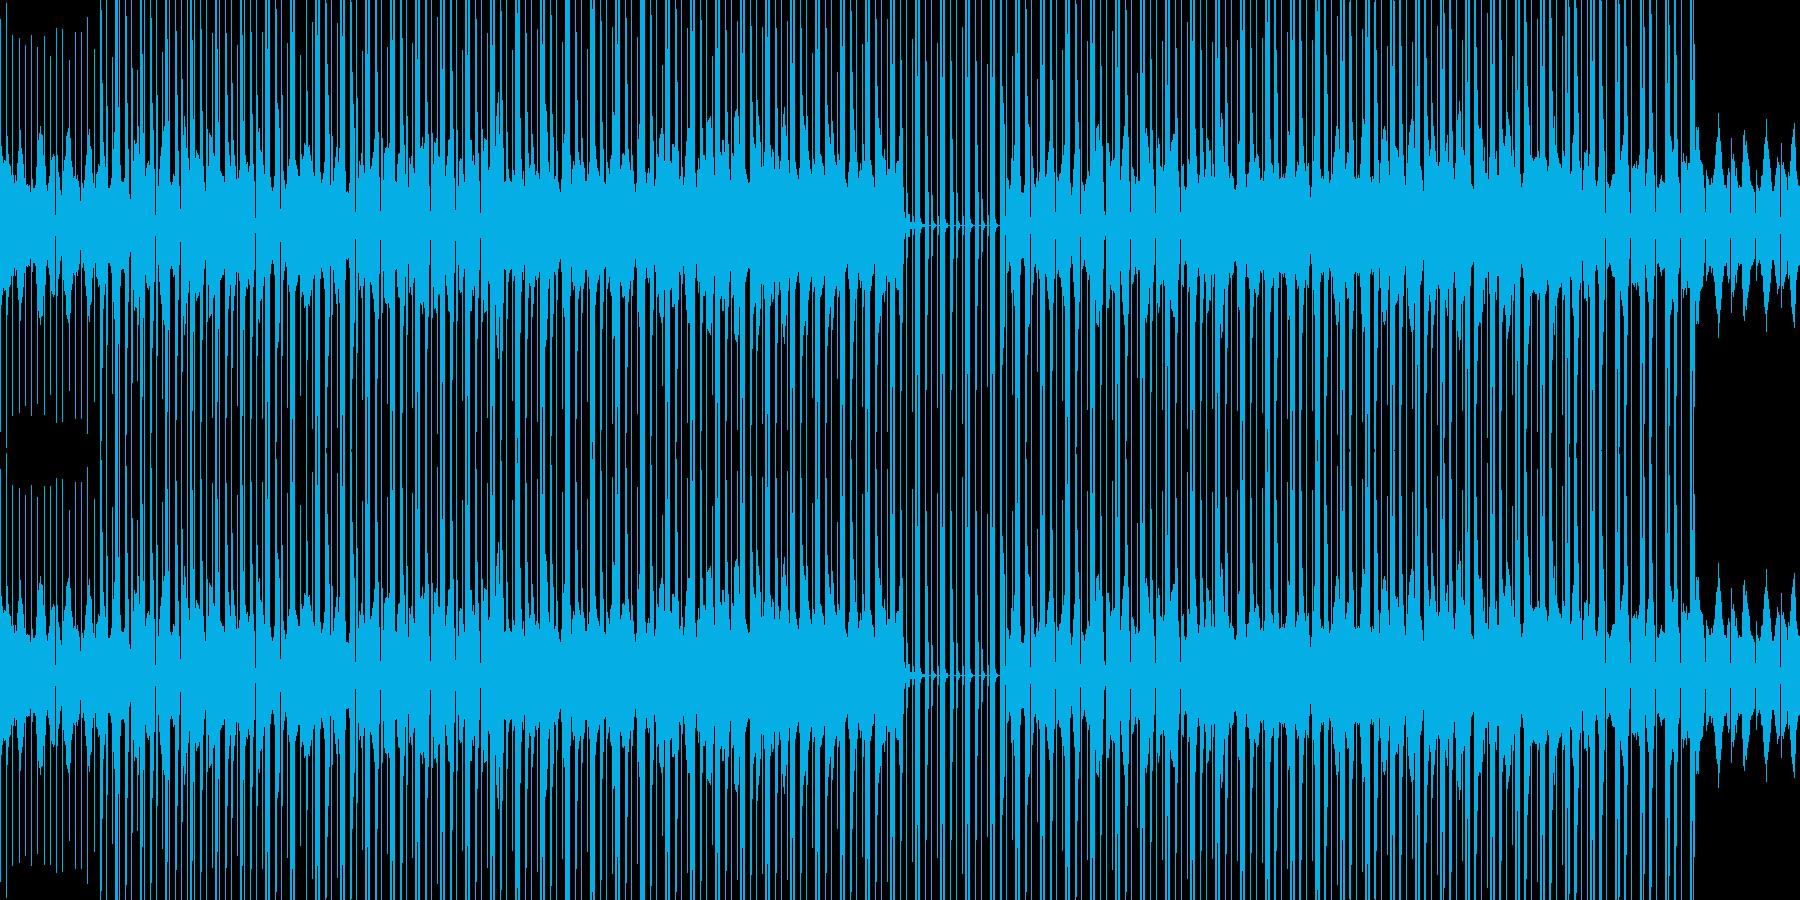 ボス戦orダンジョンBGMの再生済みの波形